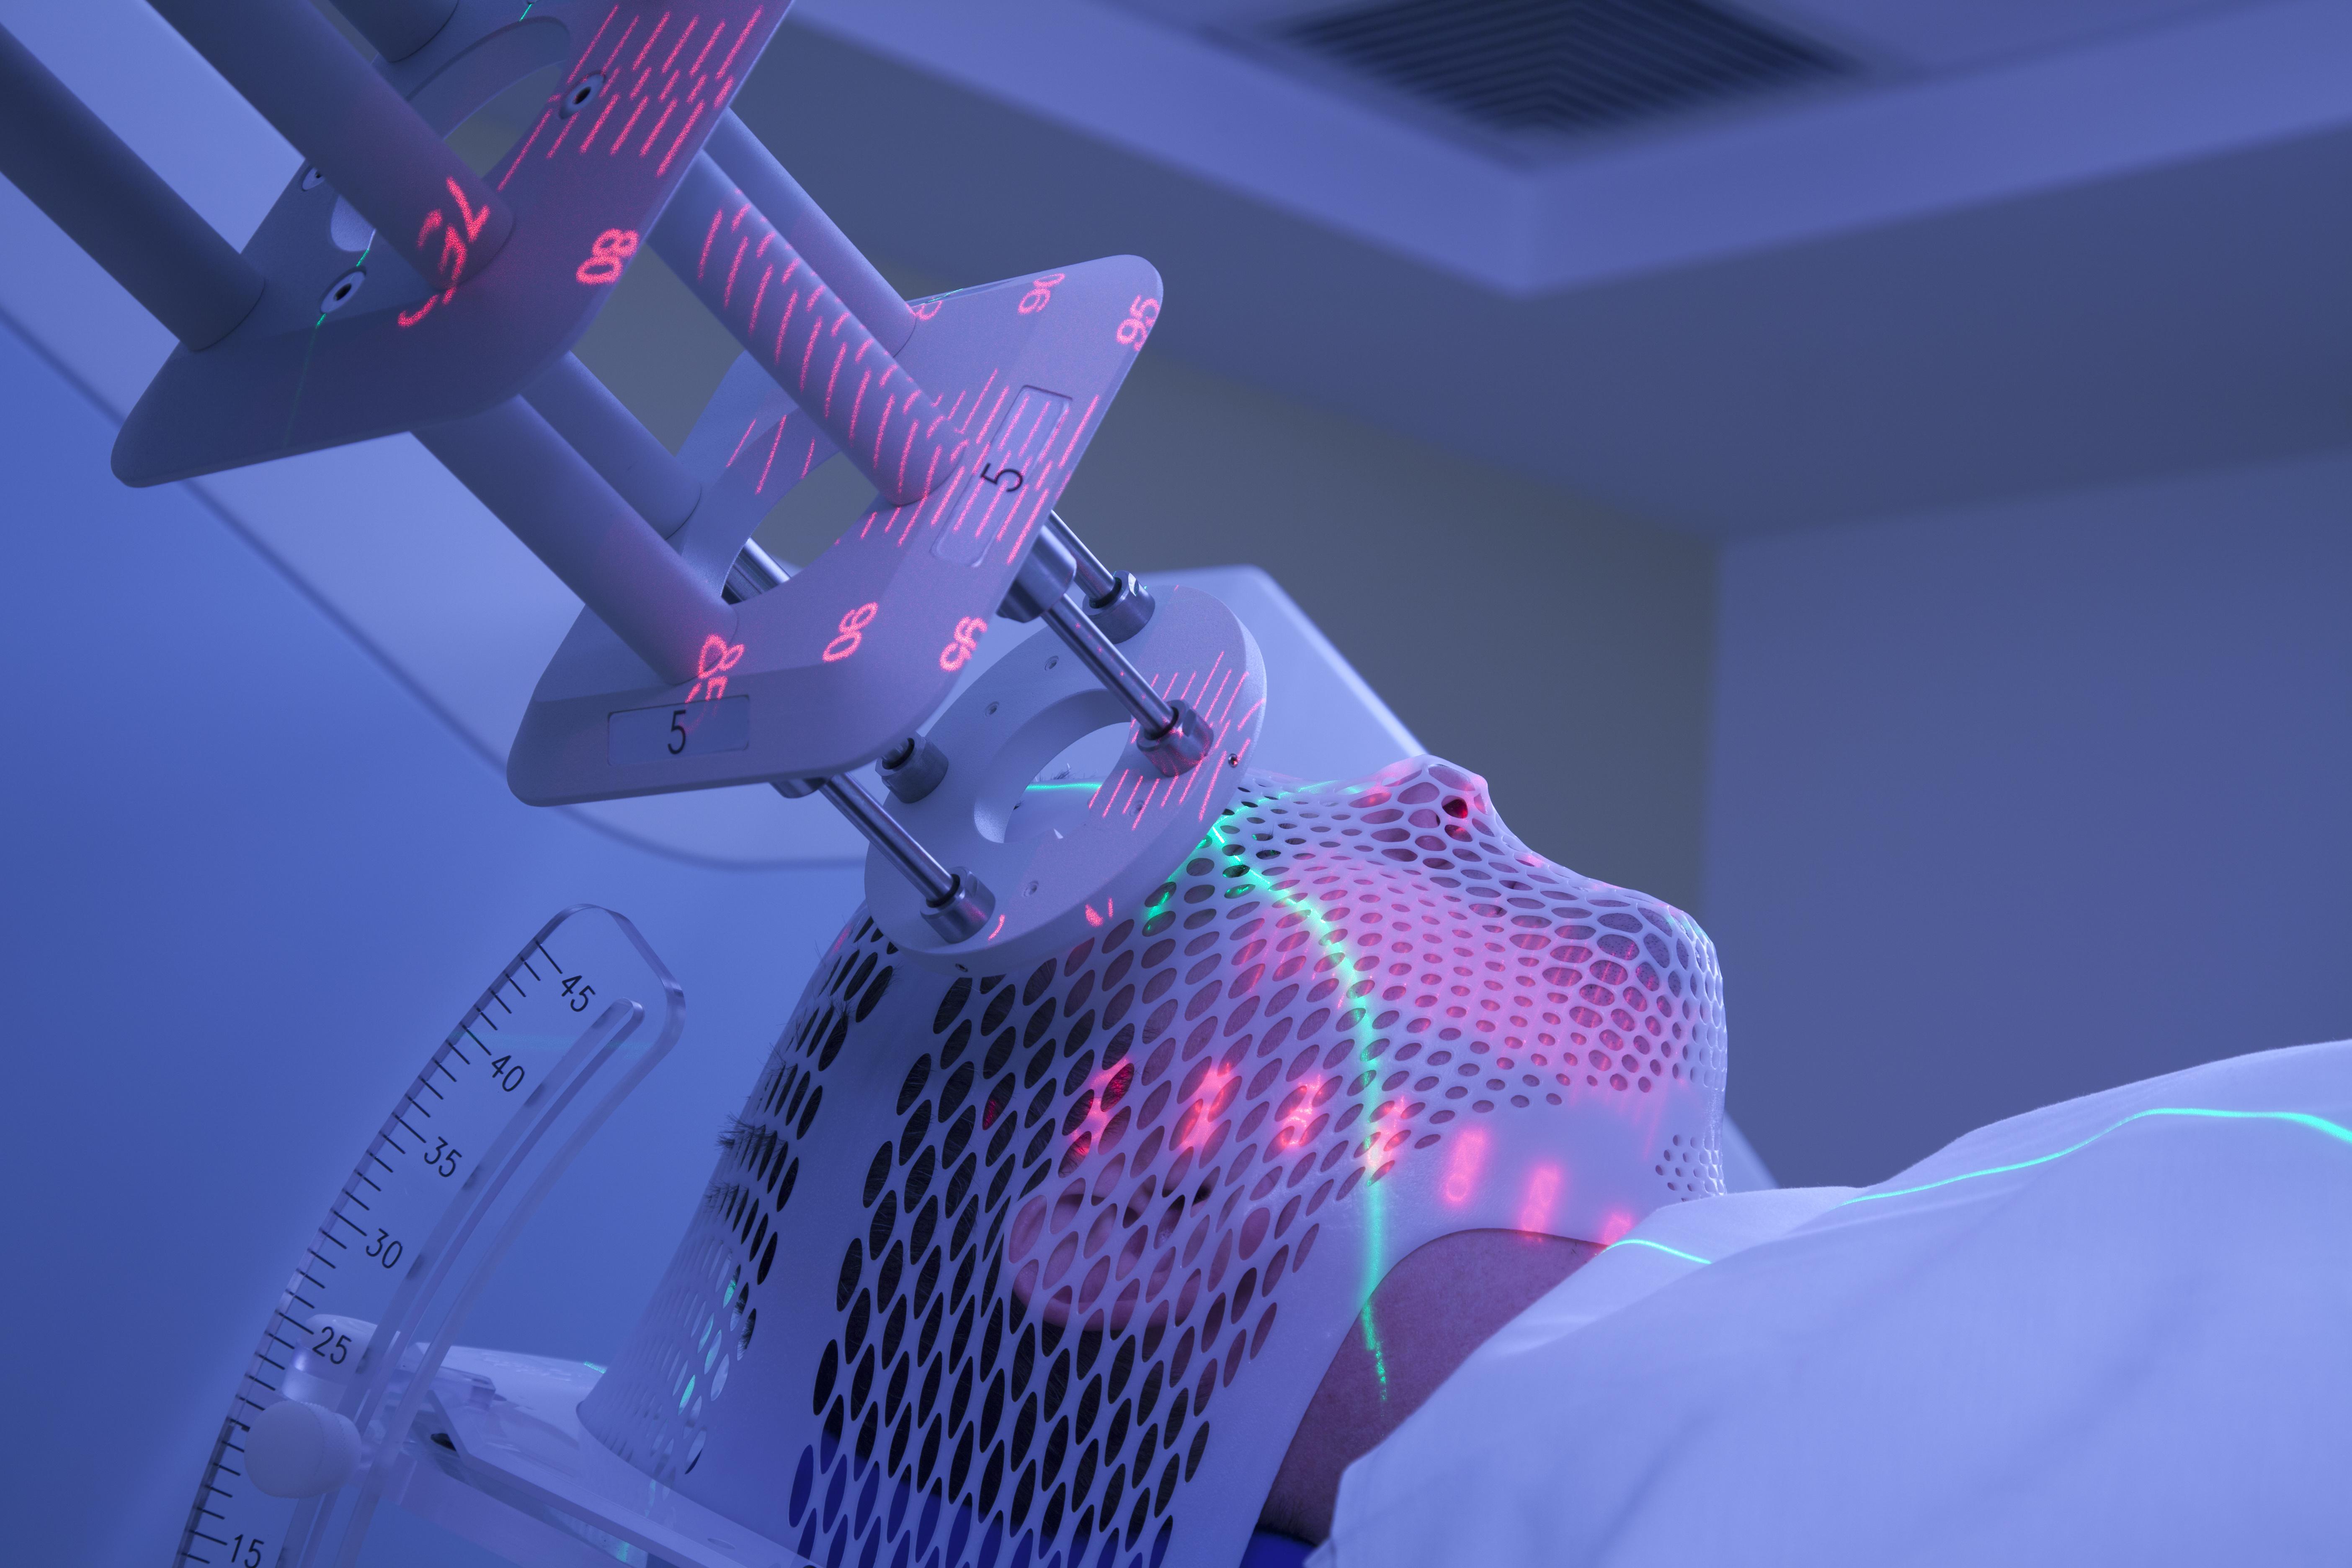 Pour la première fois au monde, des scientifiques parviennent à détruire un agrégat rigide de fibrilles amyloïdes à l'aide d'un laser.